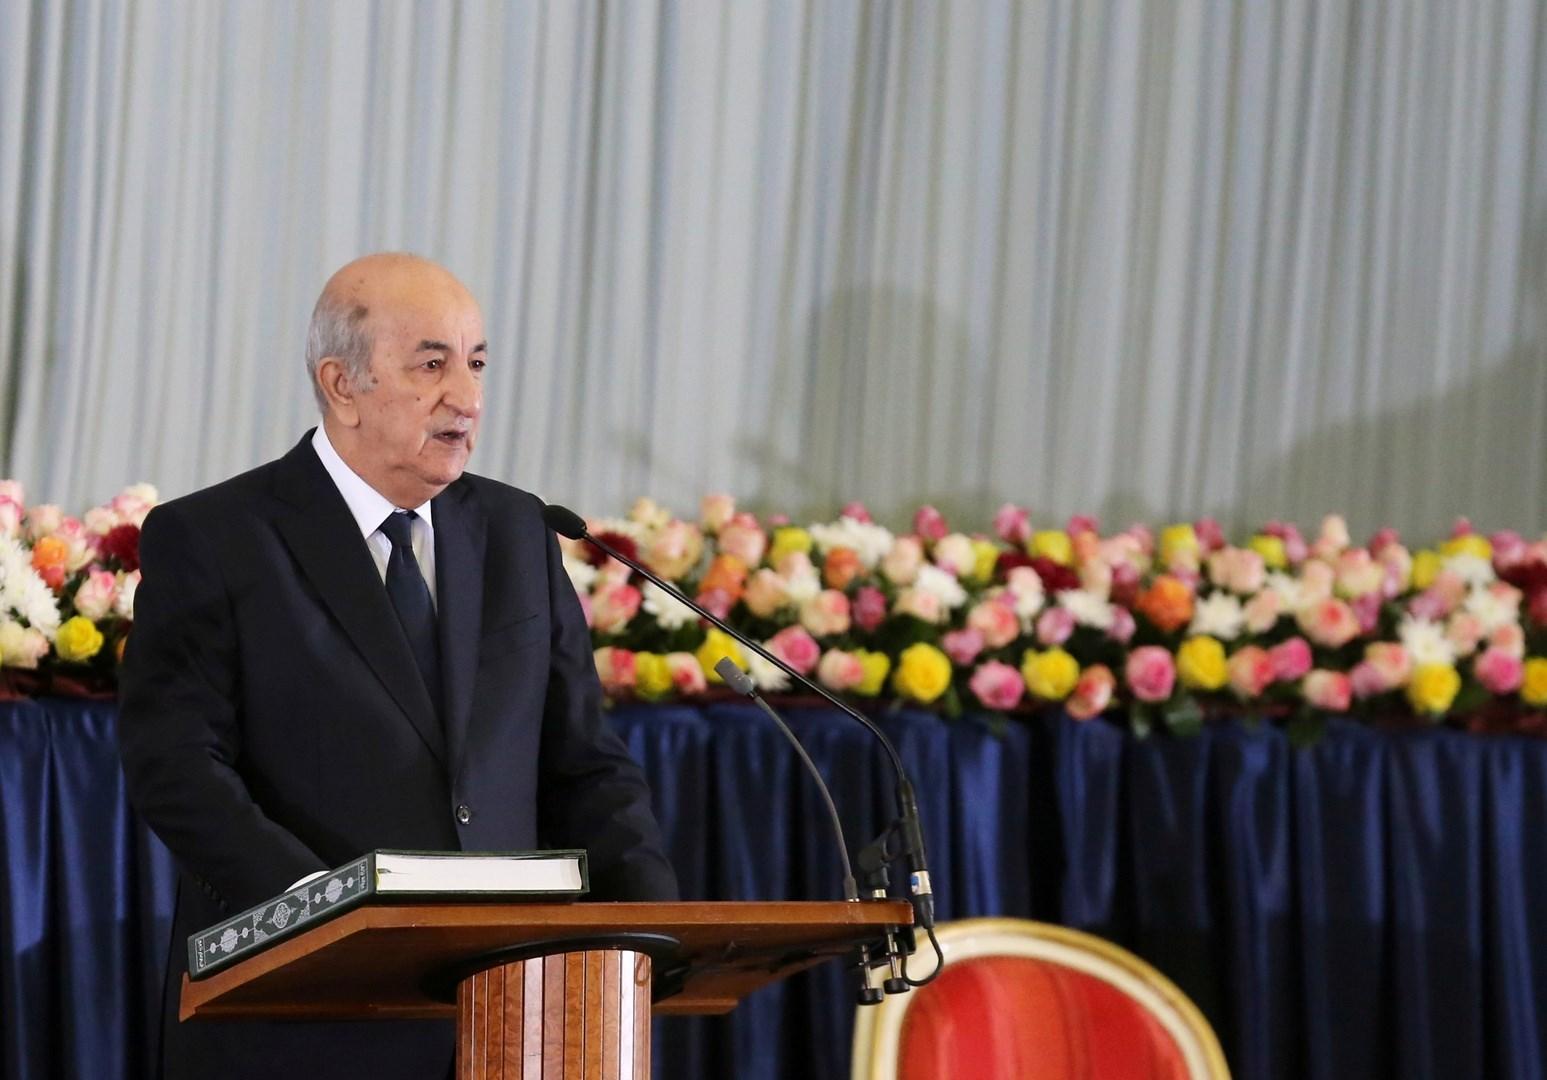 الرئيس الجزائري عبد المجيد تبون يشدد على مرجعية الشرعية الشعبية الليبية